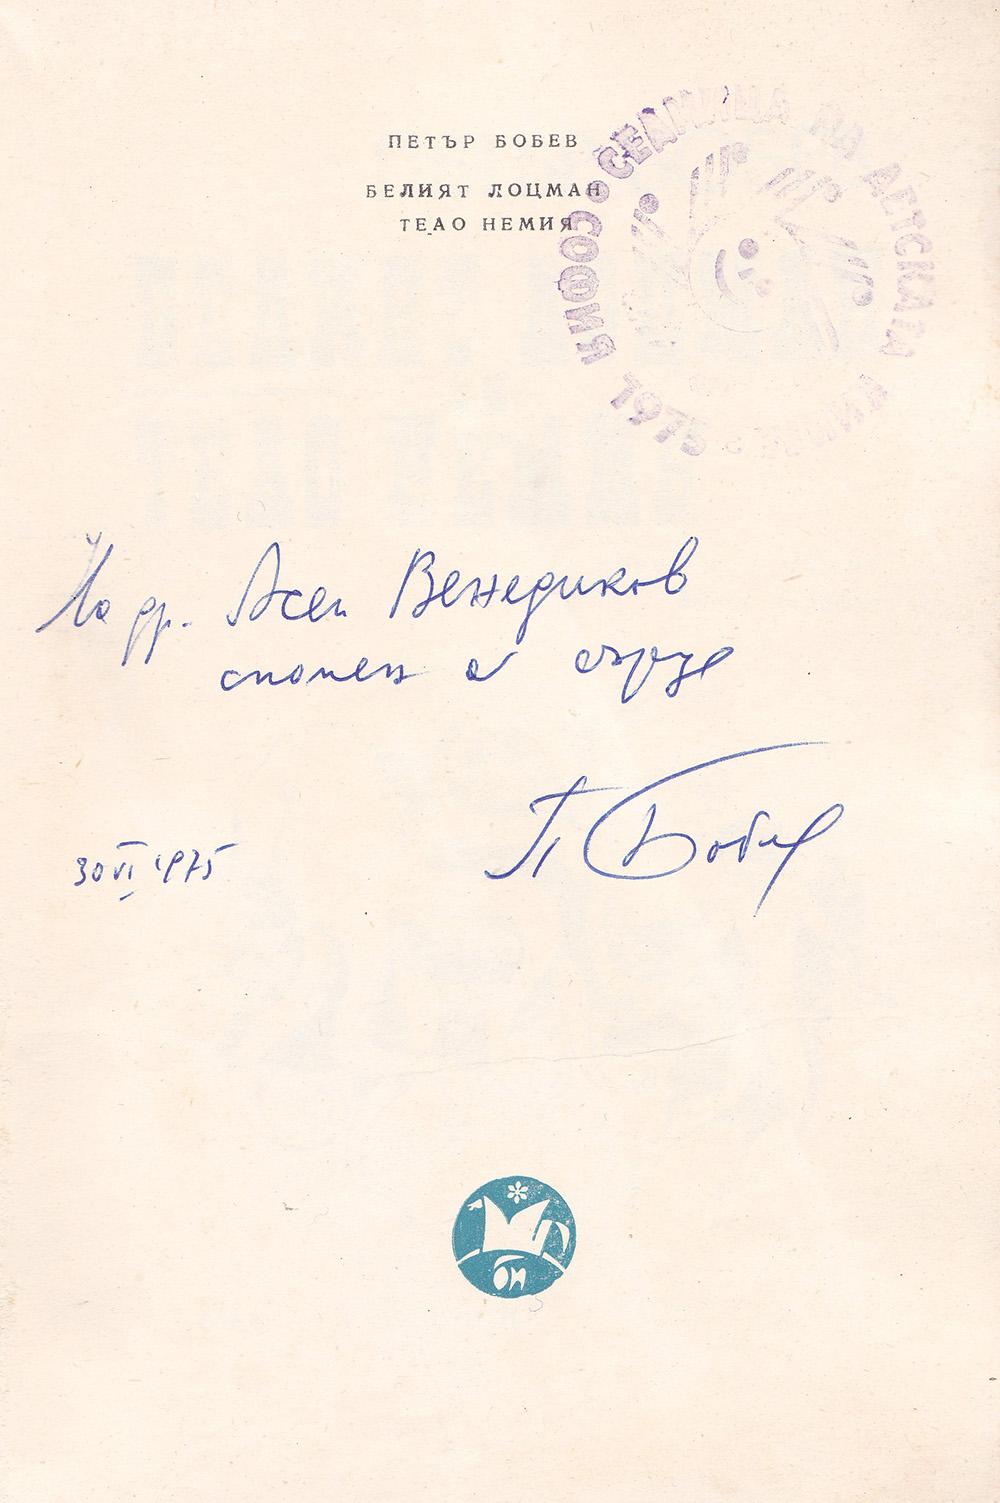 Автограф 30.06.1975